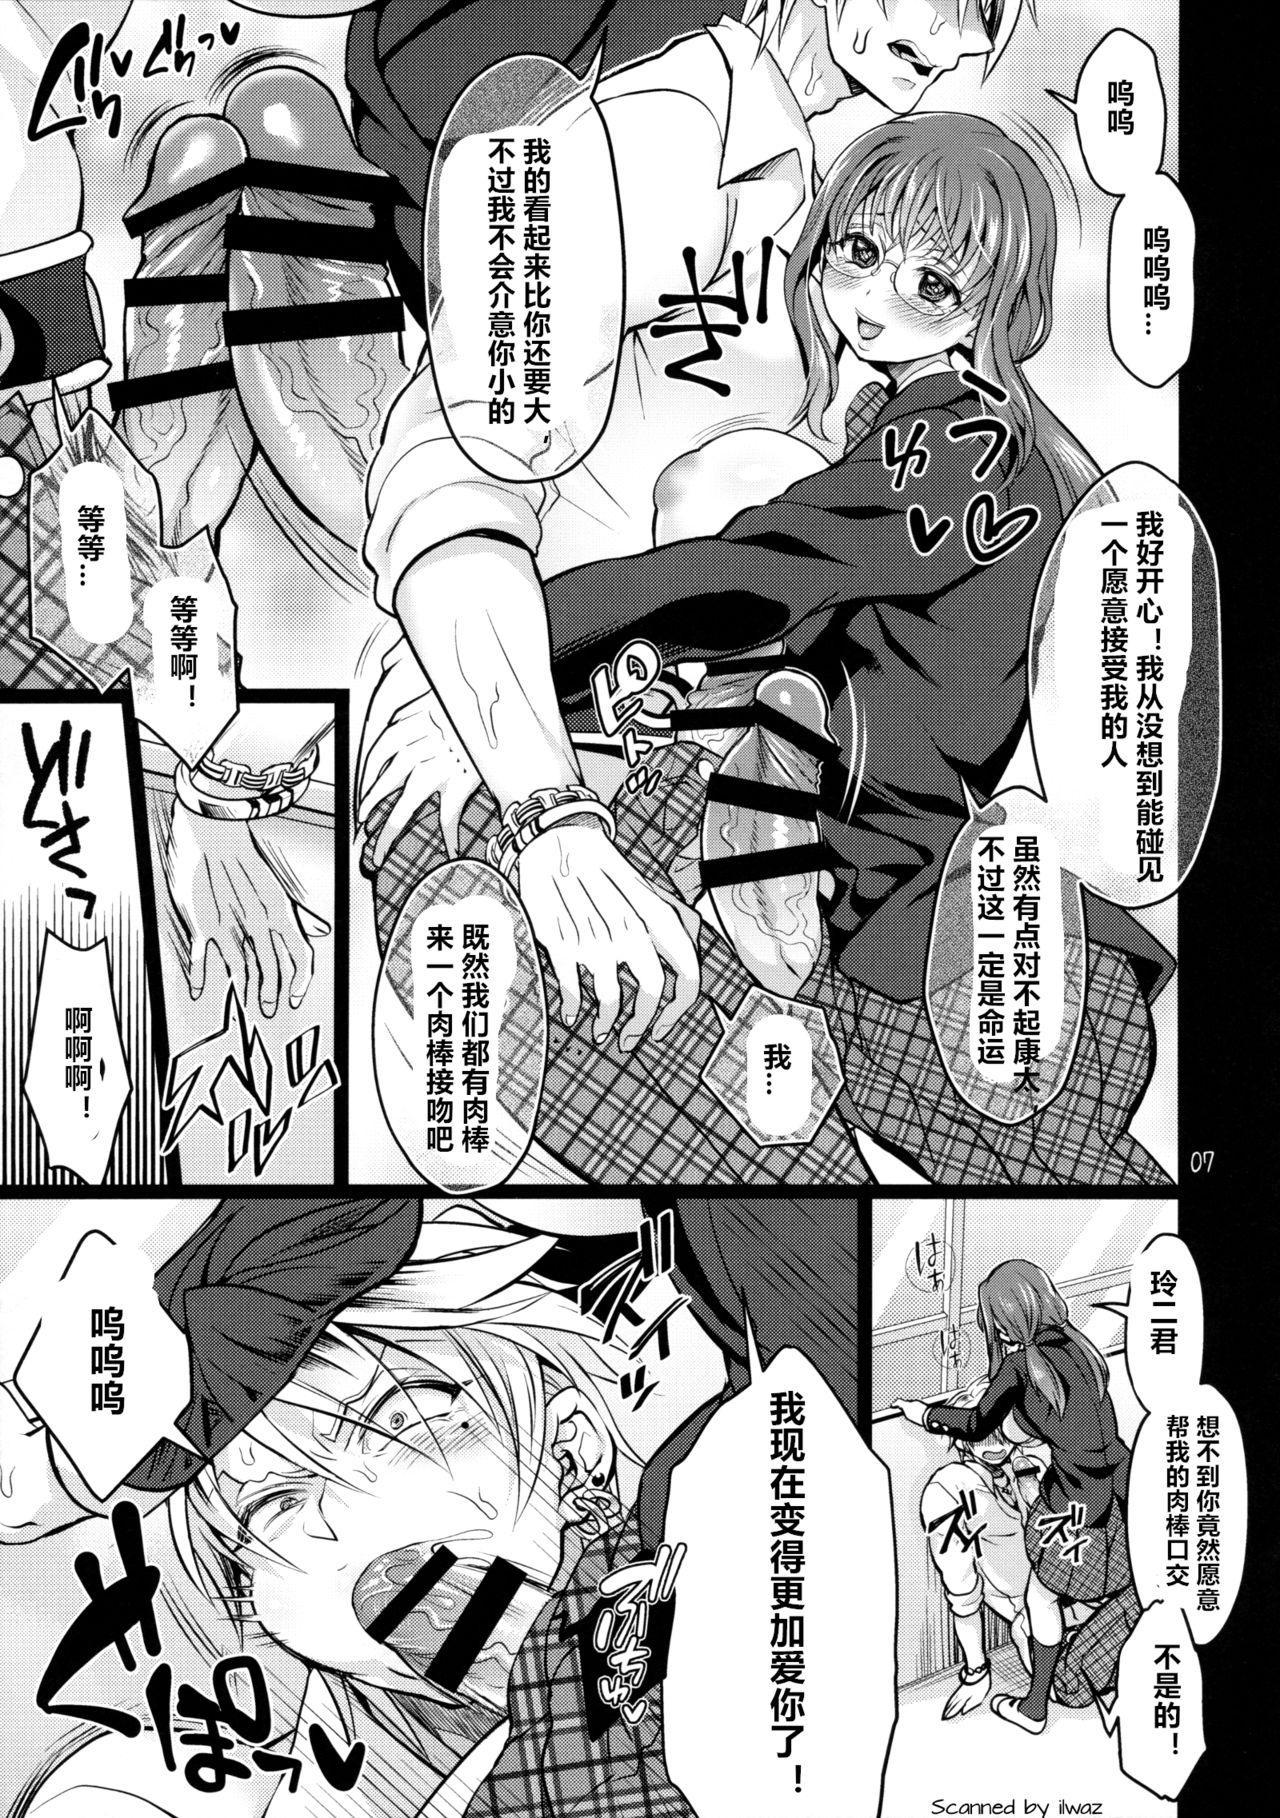 Futanari Kanojo o Netotta Yarichin Otoko ga Mesu Ochi Sareru 5